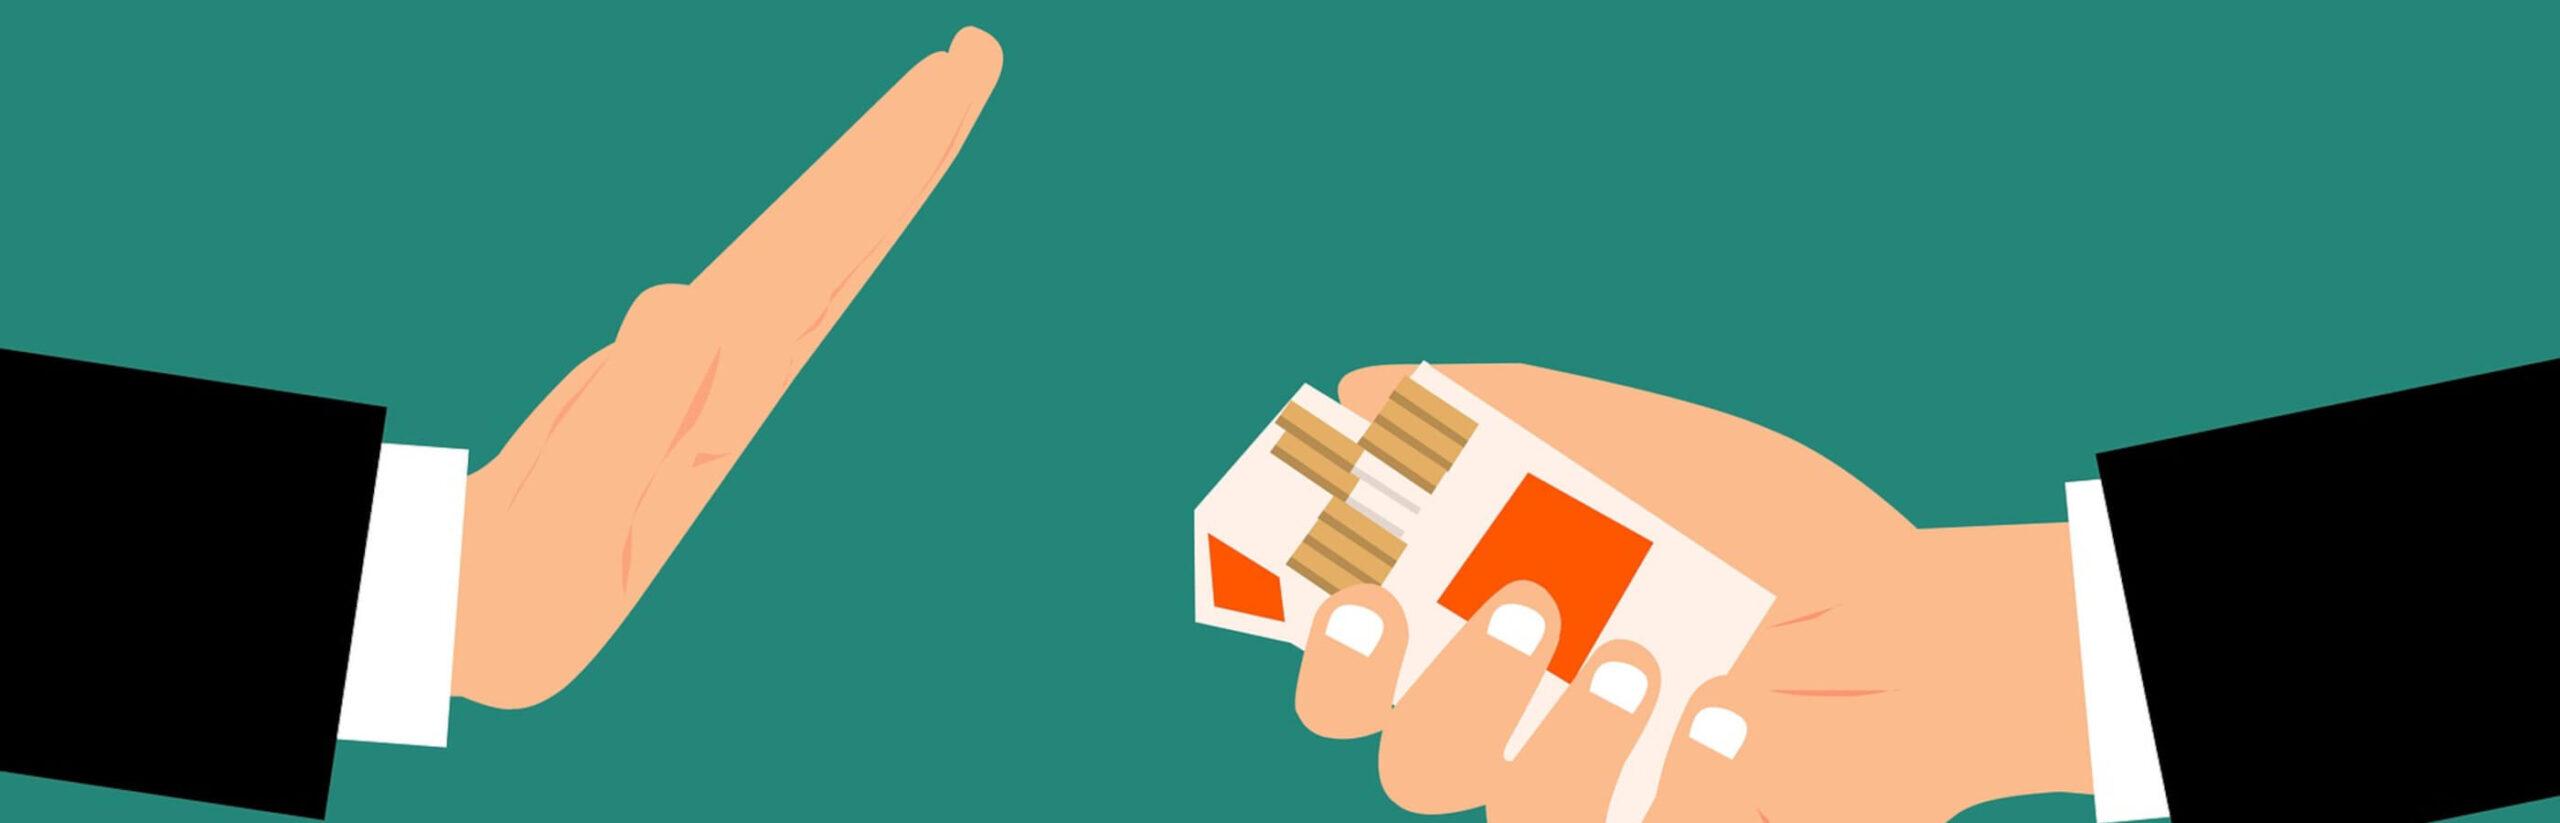 Rauchen aufhören durch Rauchfrei Spritze